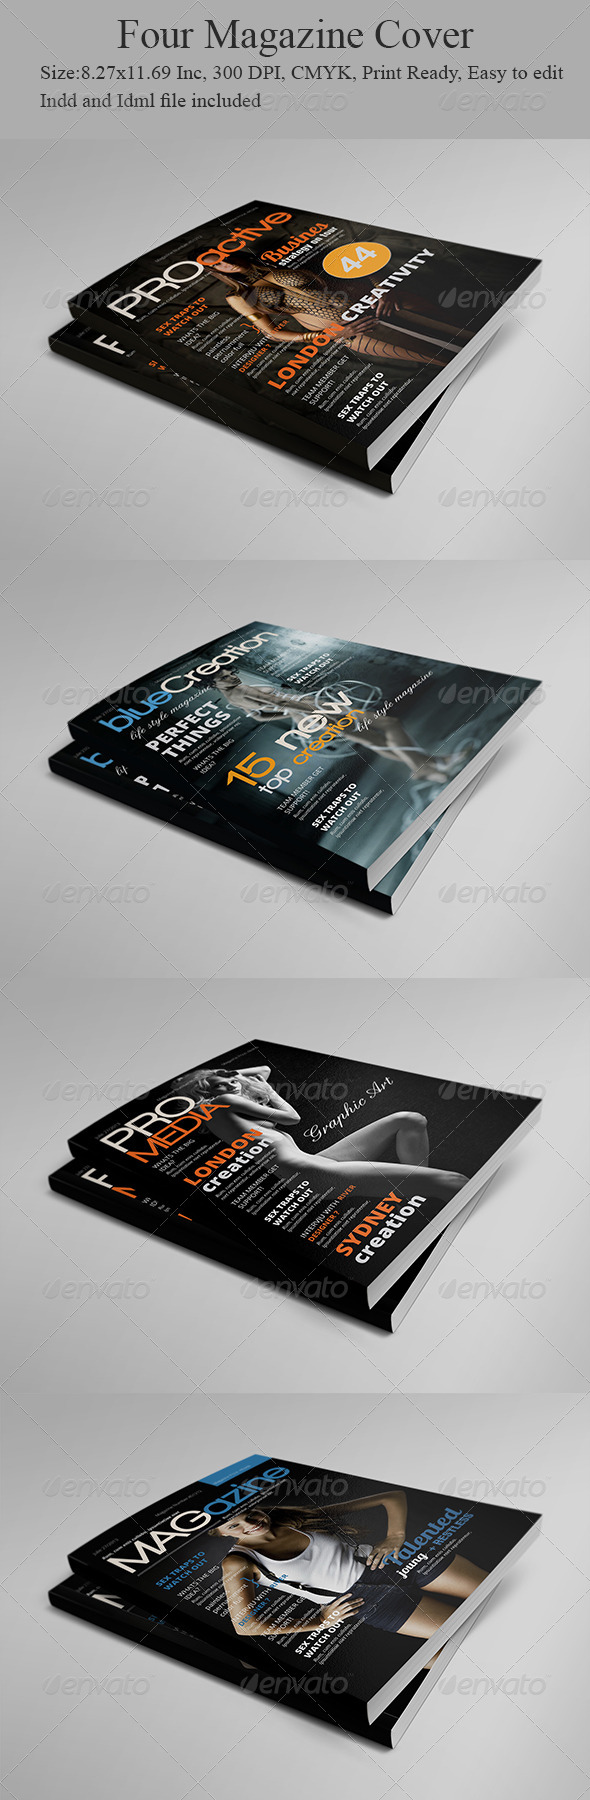 GraphicRiver Four Magazine Cover Templates 5247025